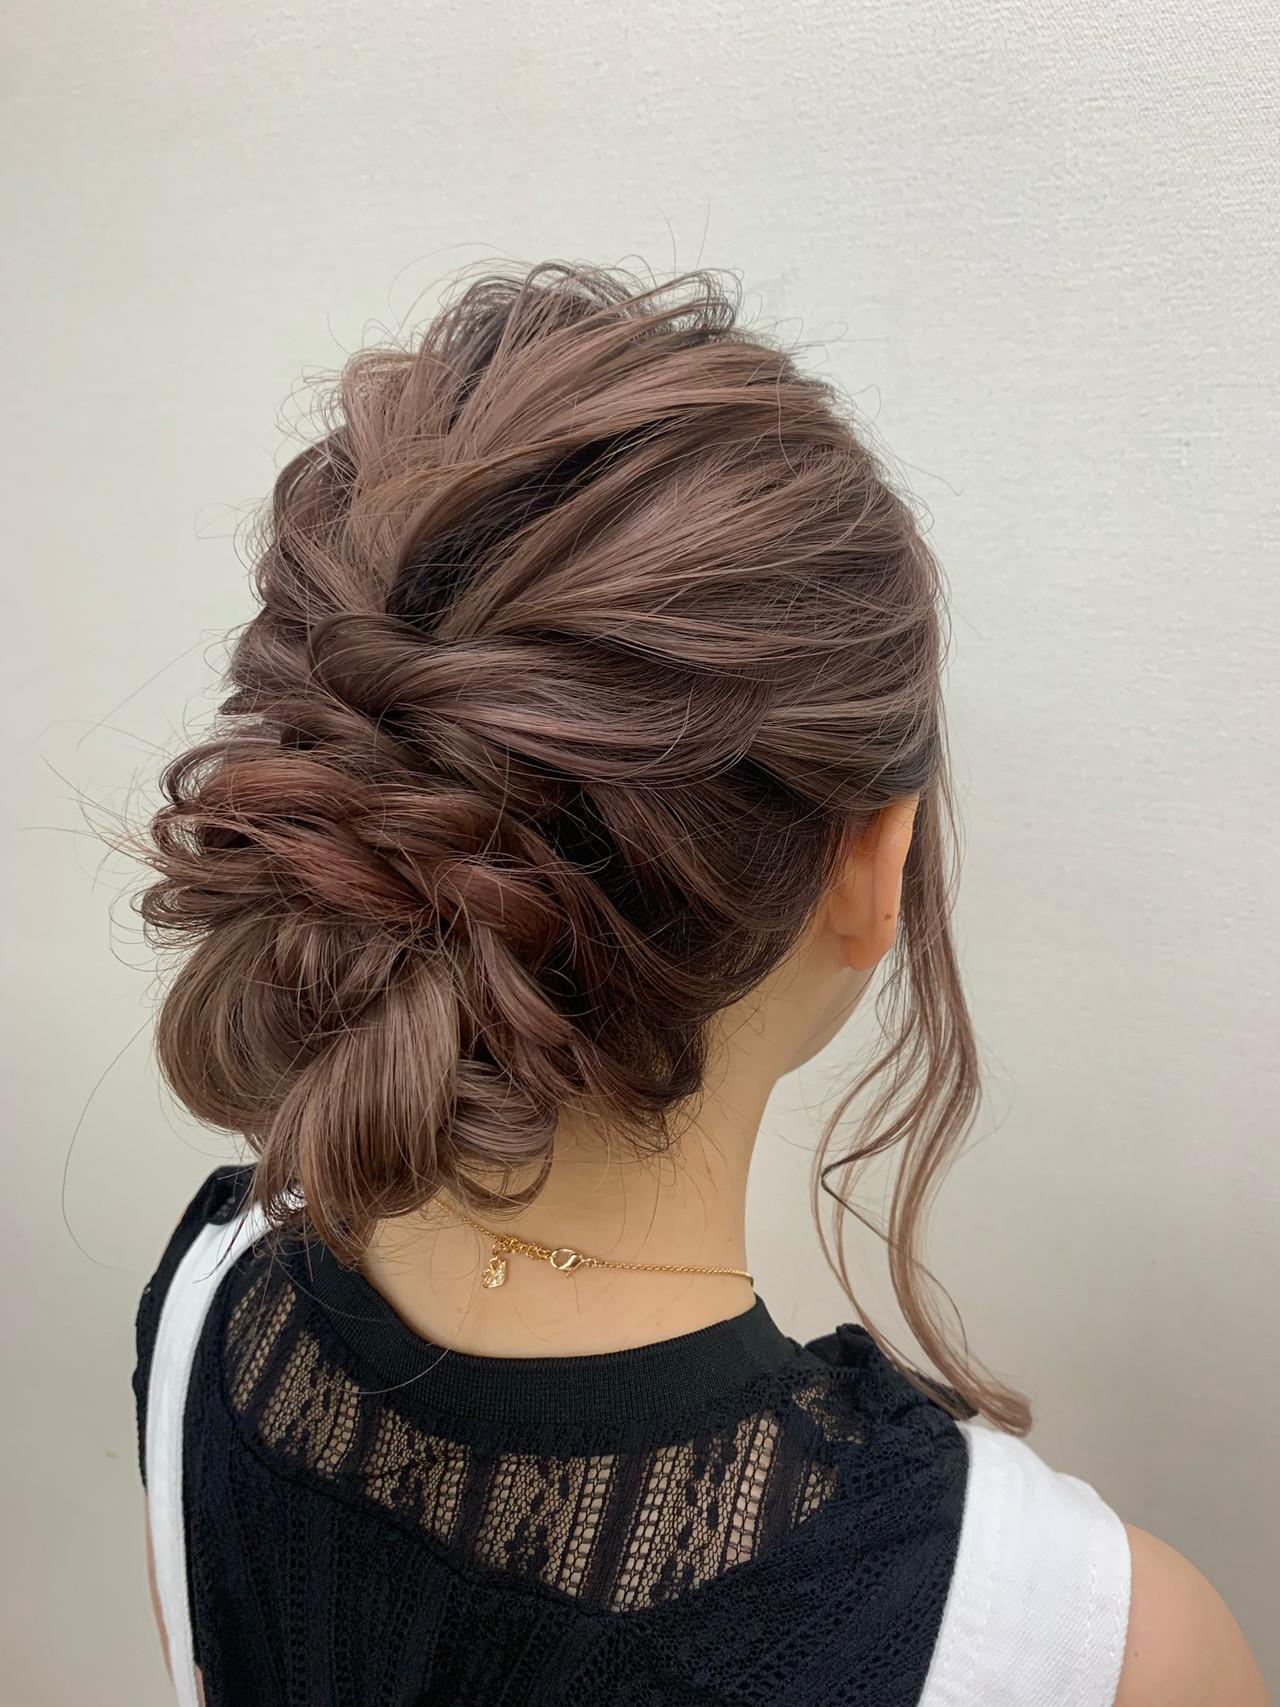 ヘアセット アップスタイル 結婚式ヘアアレンジ ロング ヘアスタイルや髪型の写真・画像 | 榎本流行 / soin de brace 上新庄店